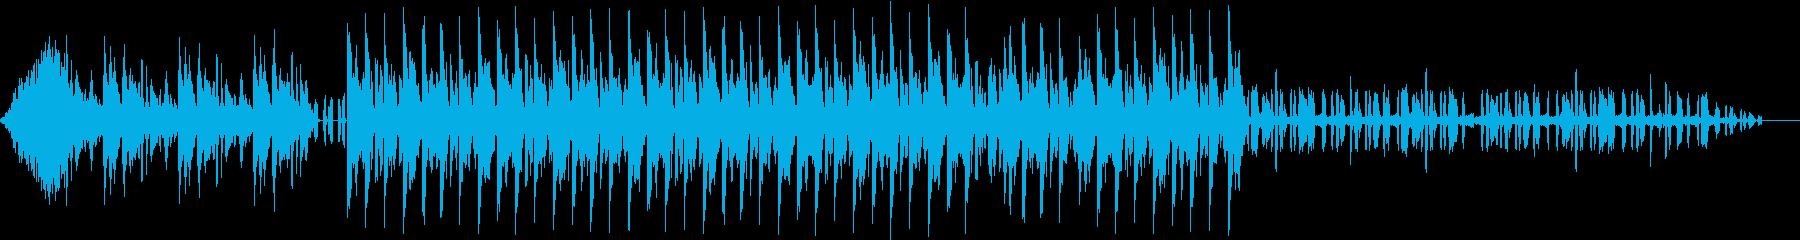 【企業VP・プレゼン】都会感・ドライブ感の再生済みの波形